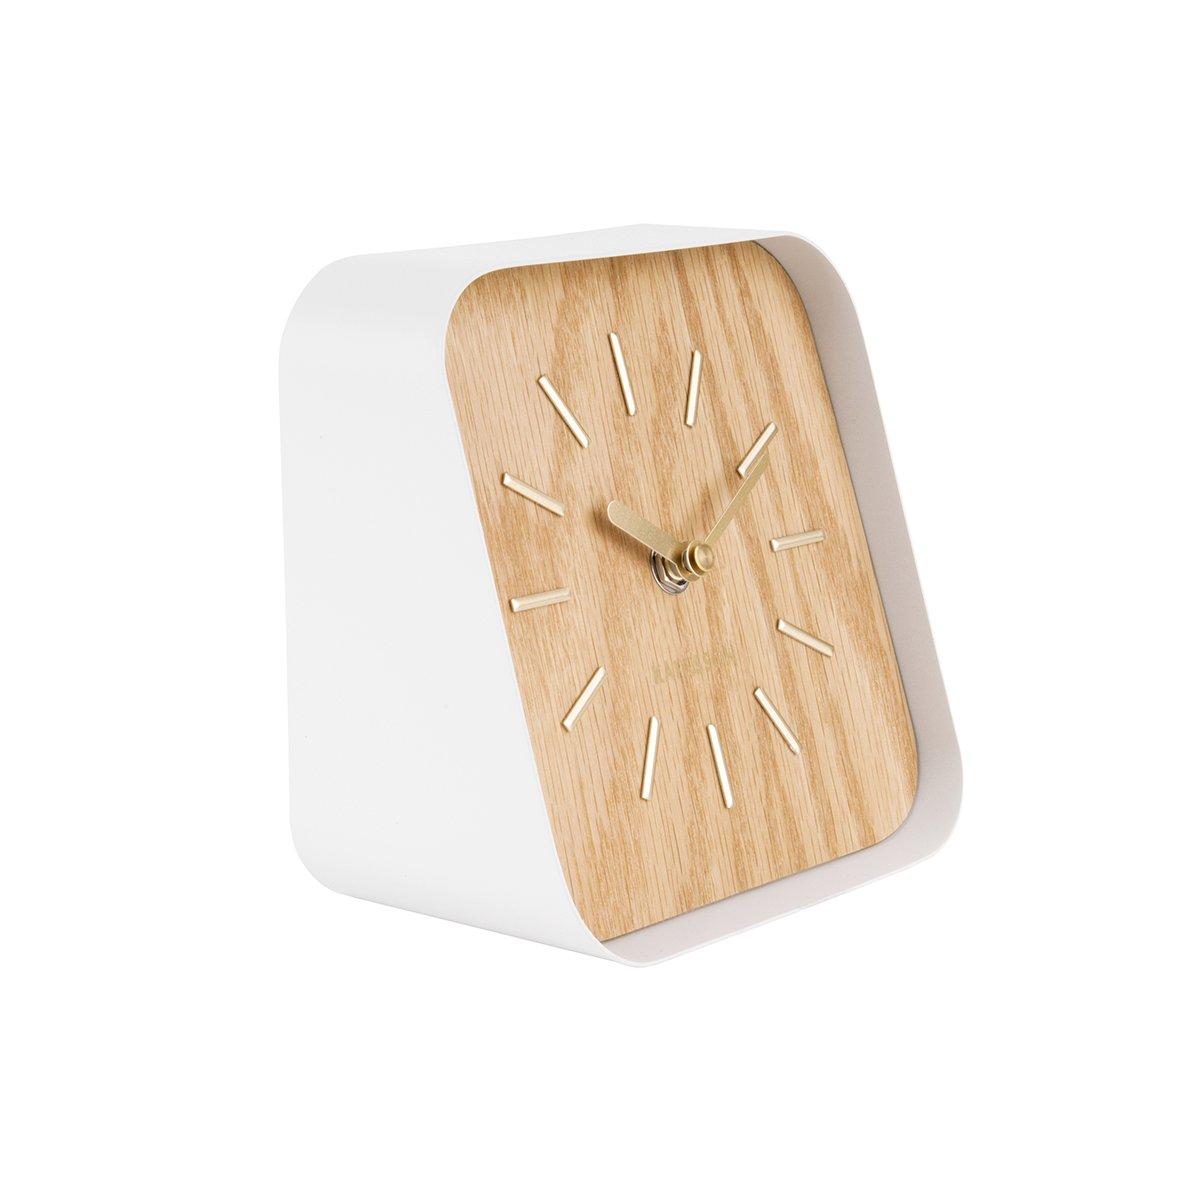 Stolní hodiny Squared – svetlé dřevo 76fe235d68